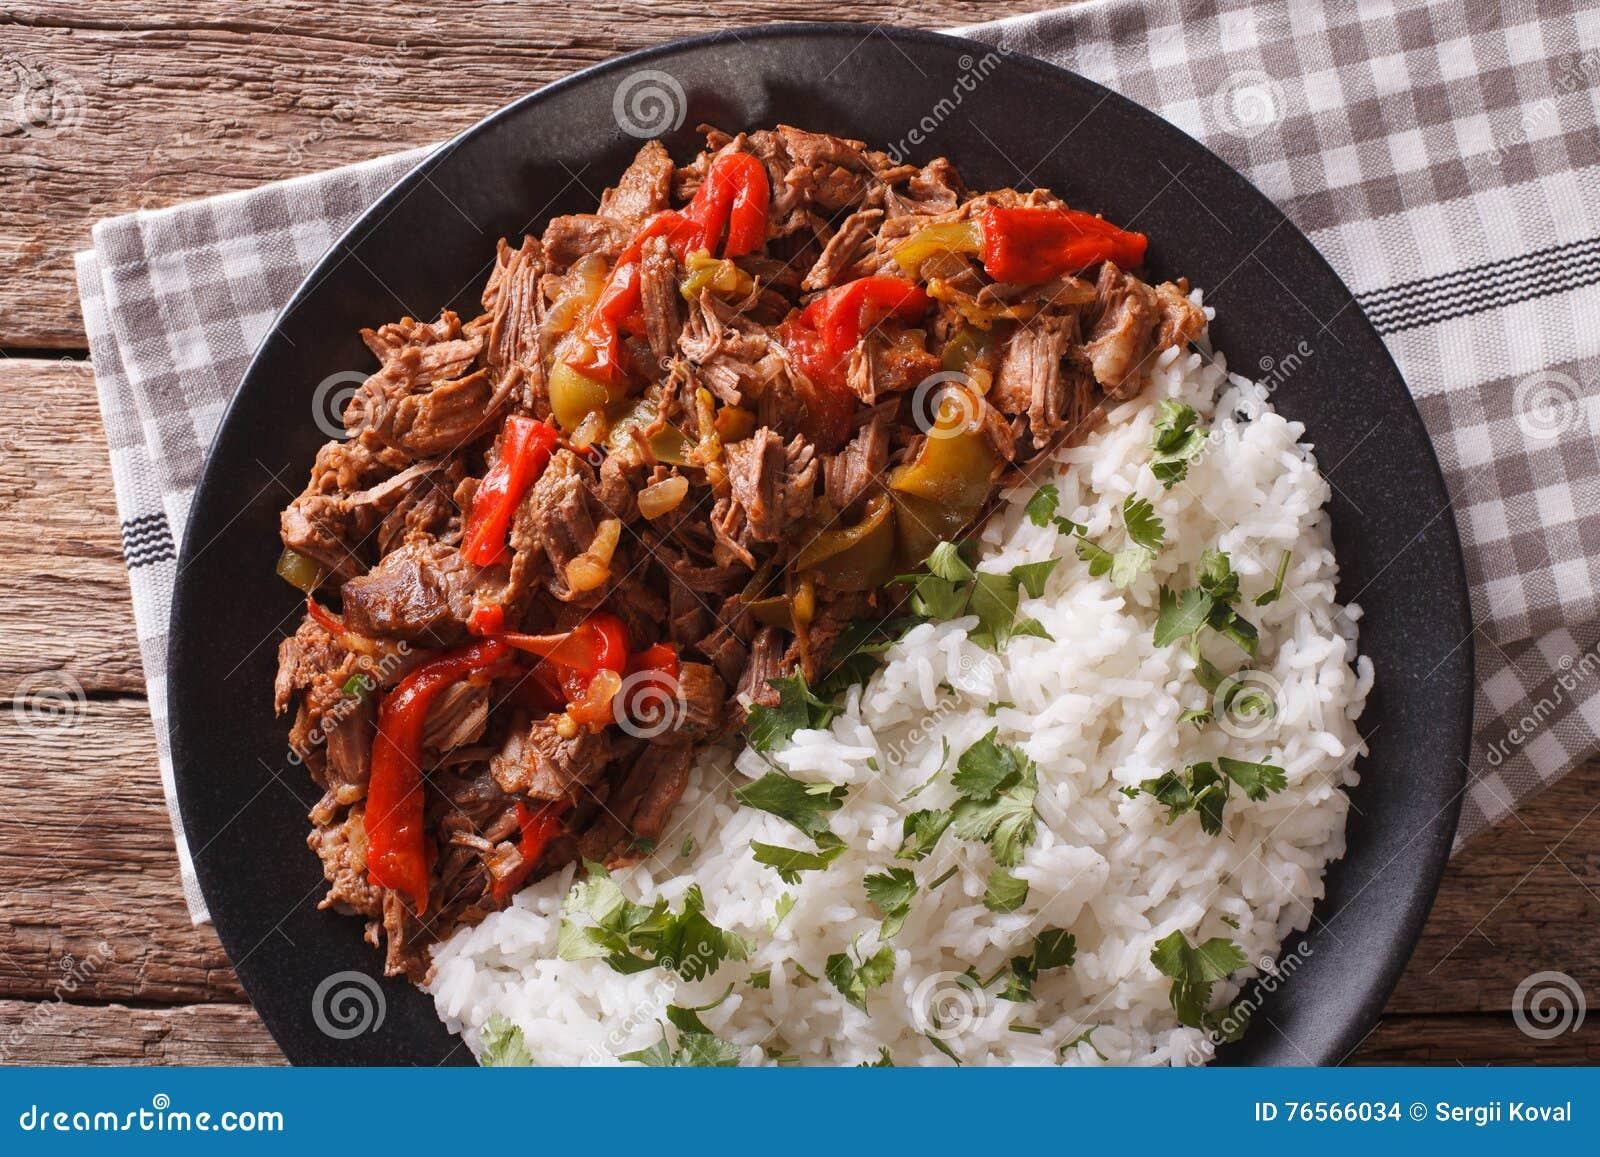 Cuisine cubaine : la viande de vieja de ropa avec du riz garnissent le plan rapproché